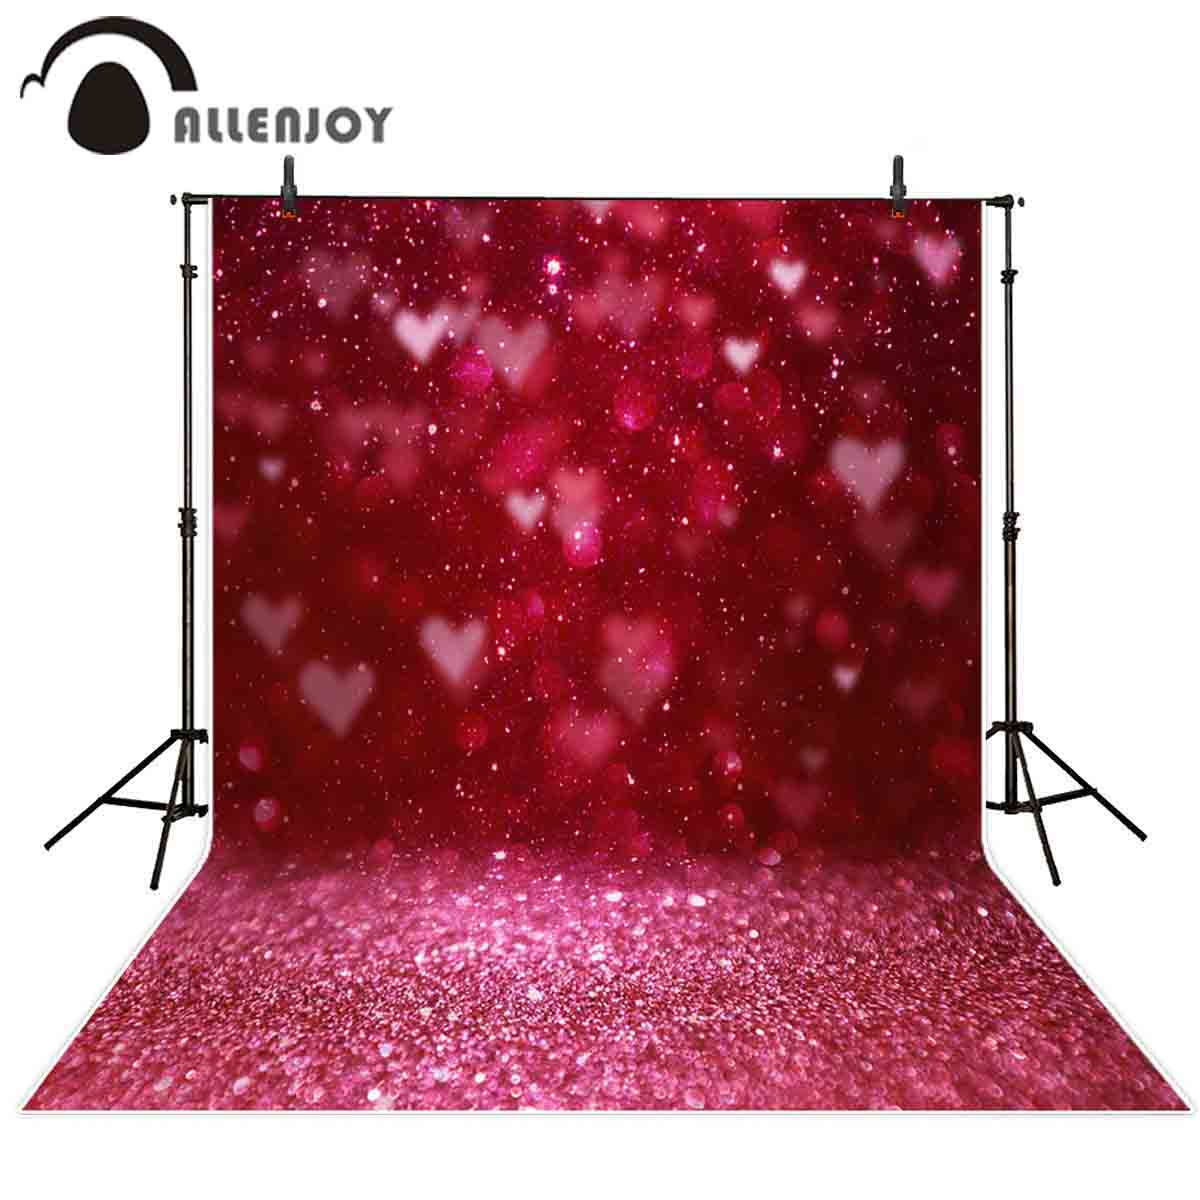 Fondo fotográfico Allenjoy 14 de febrero Día de San Valentín brillante para bodas amor brillante fotografía telón de fondo photophone photocall